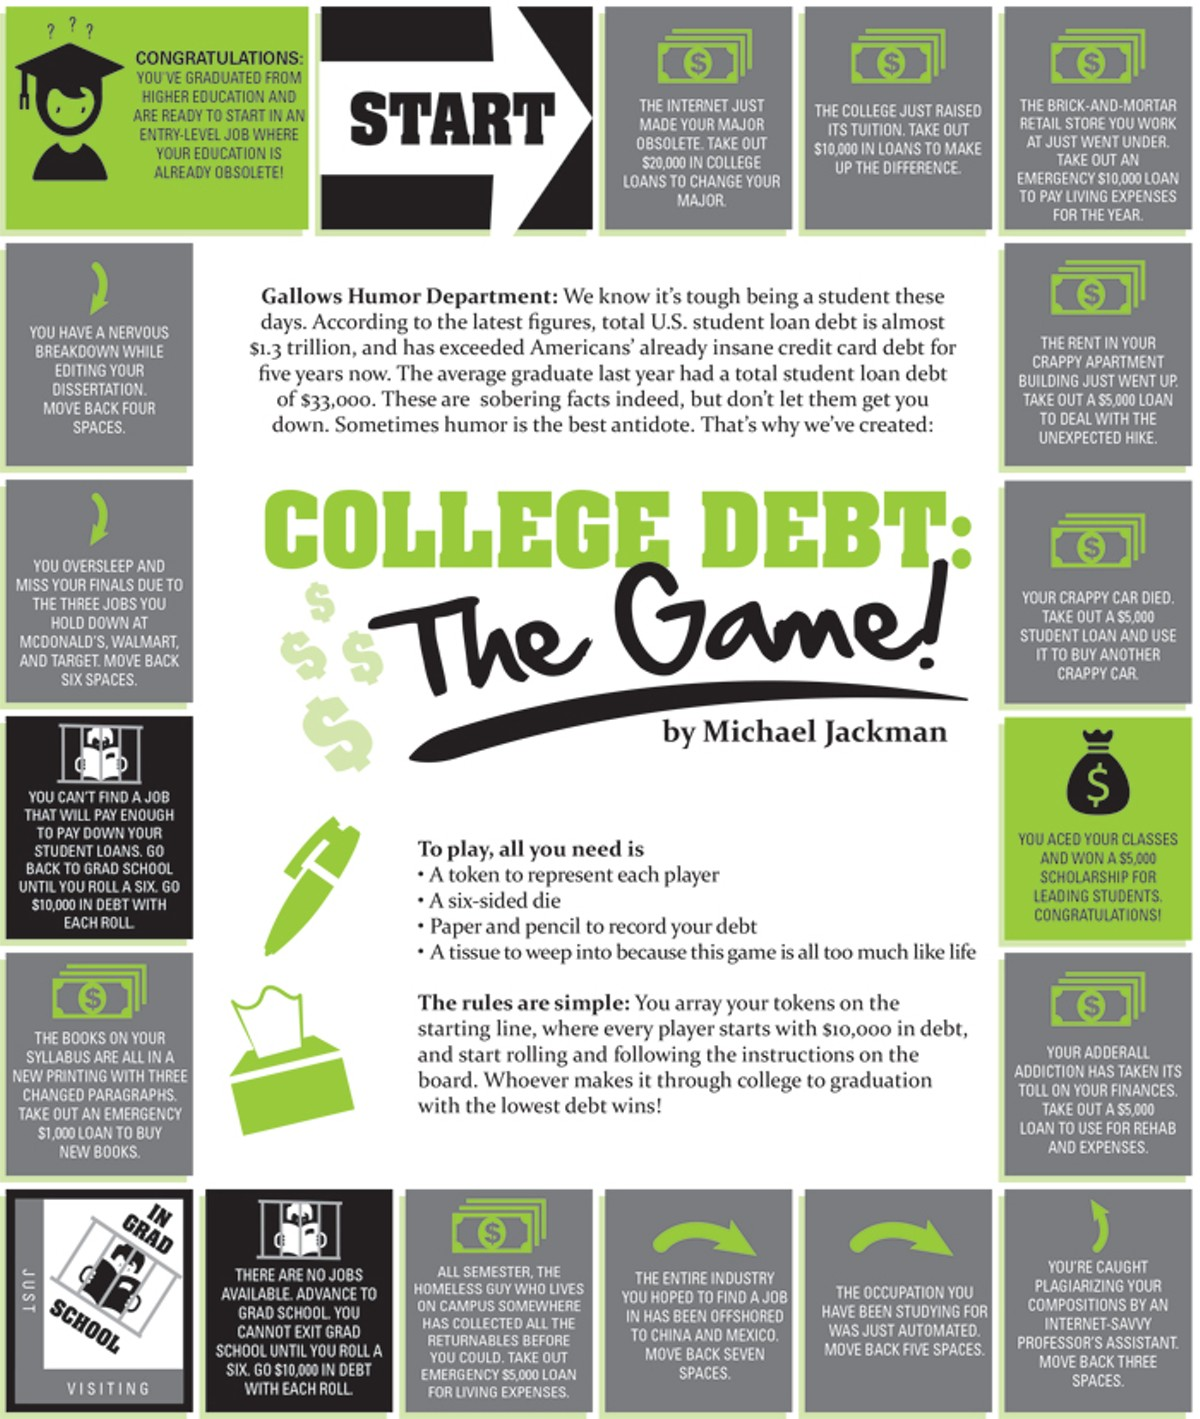 collegedebtgame.jpg